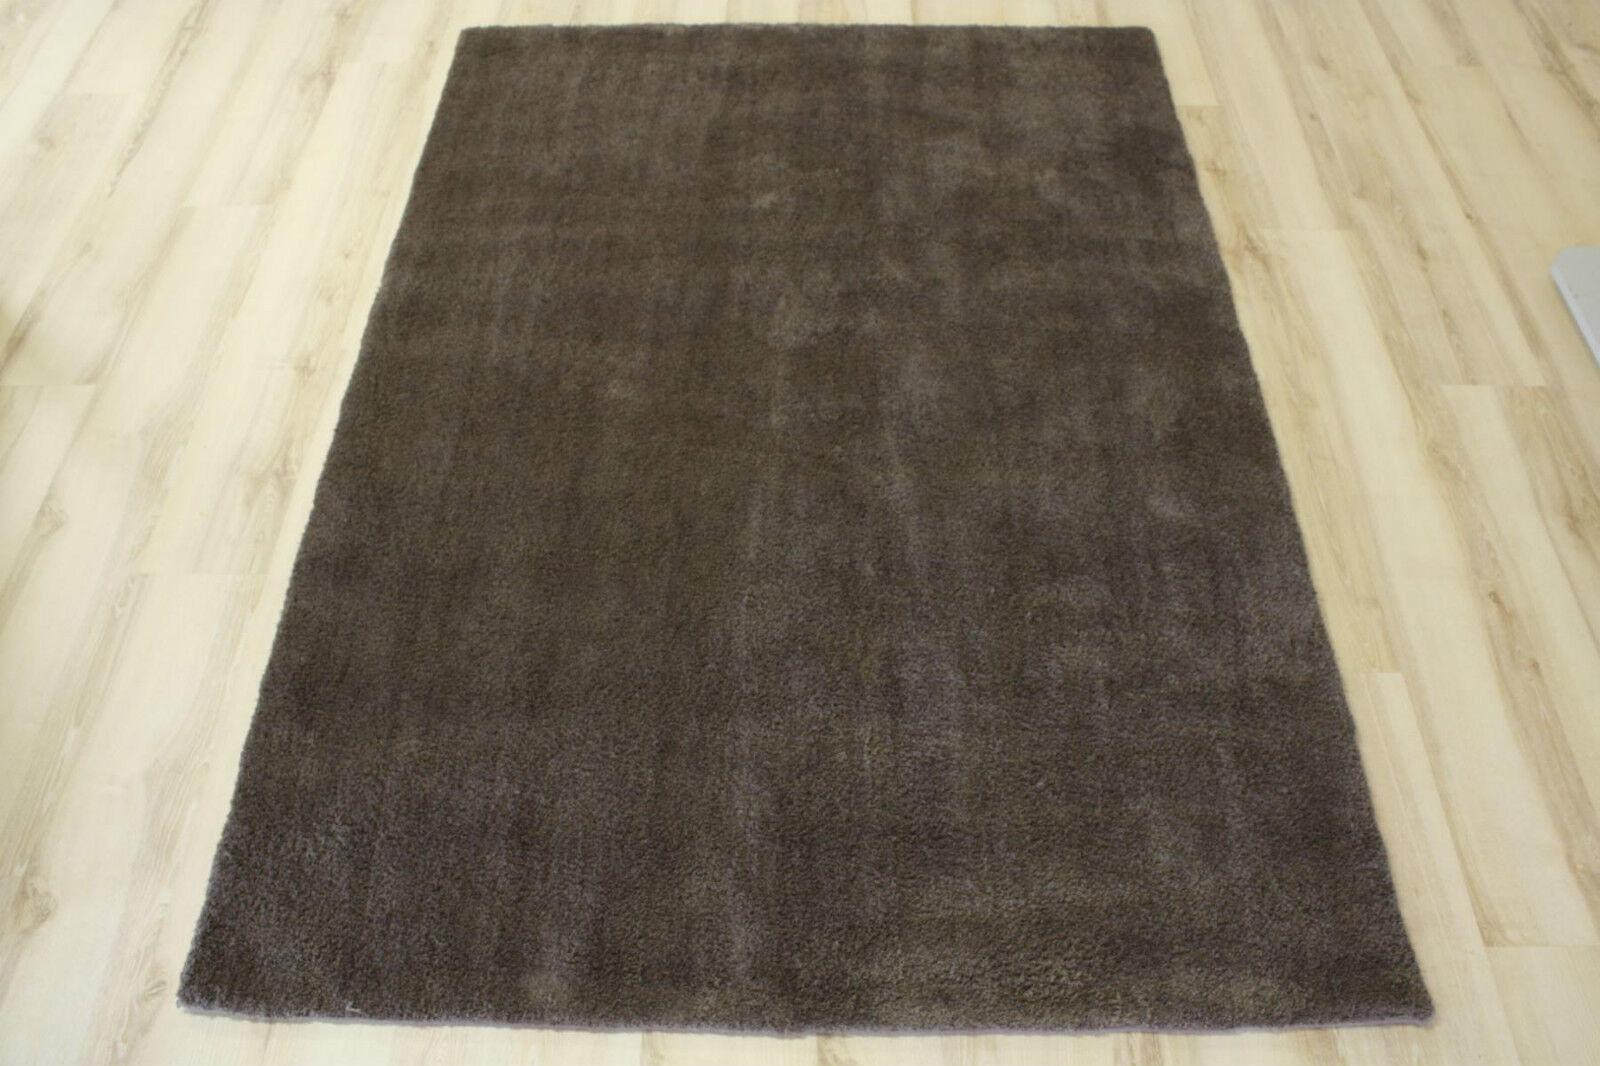 Teppich Langflor Astra Livorno 084 taupe 170x240 cm weich weich weich | Verpackungsvielfalt  76d657